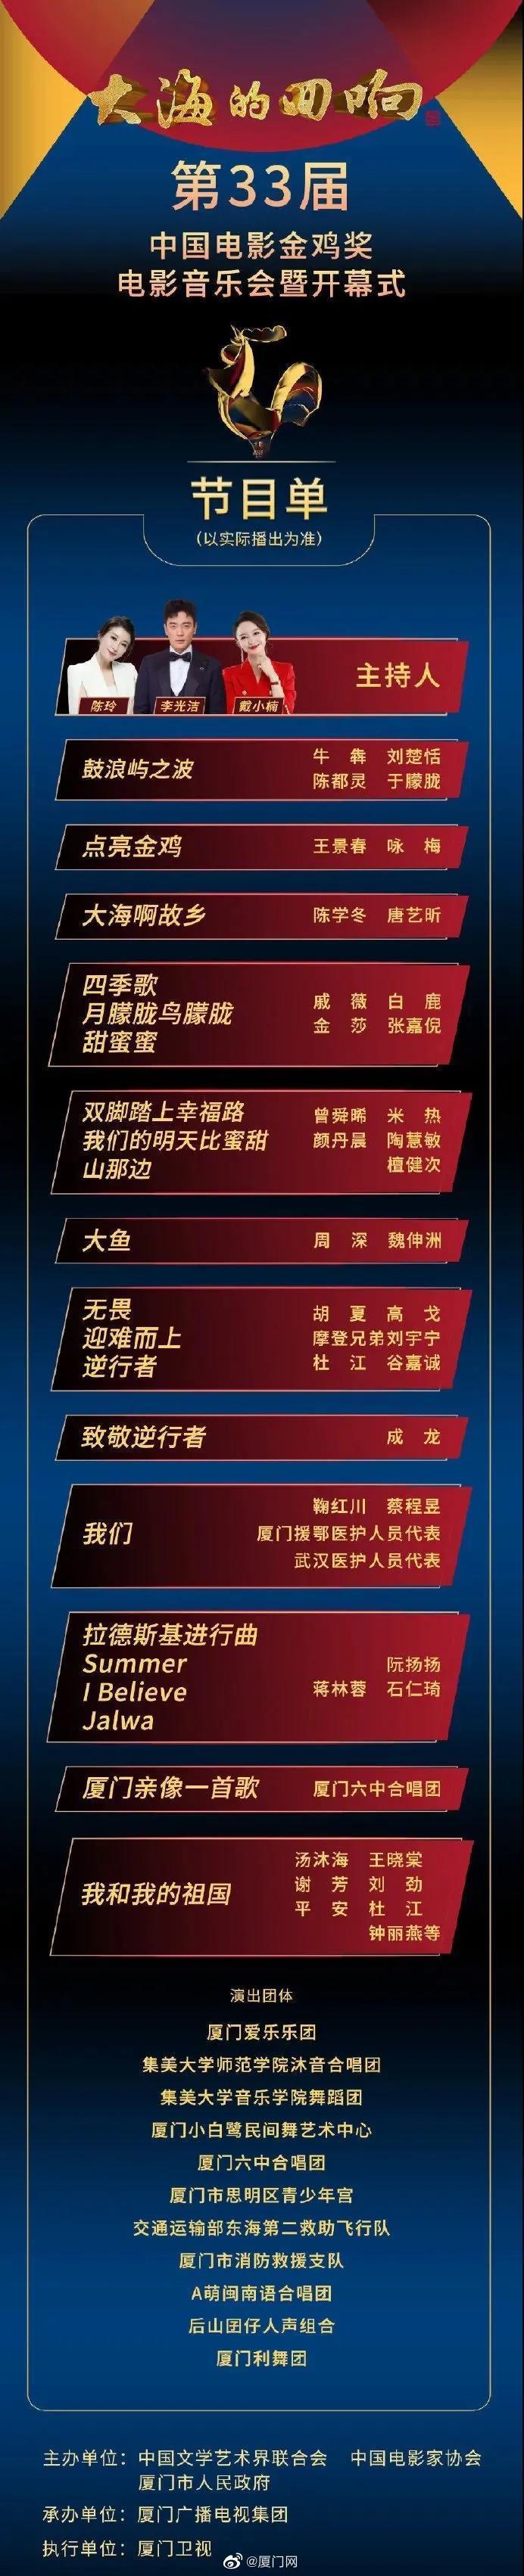 第33届中国电影金鸡奖开幕式节目单曝光!